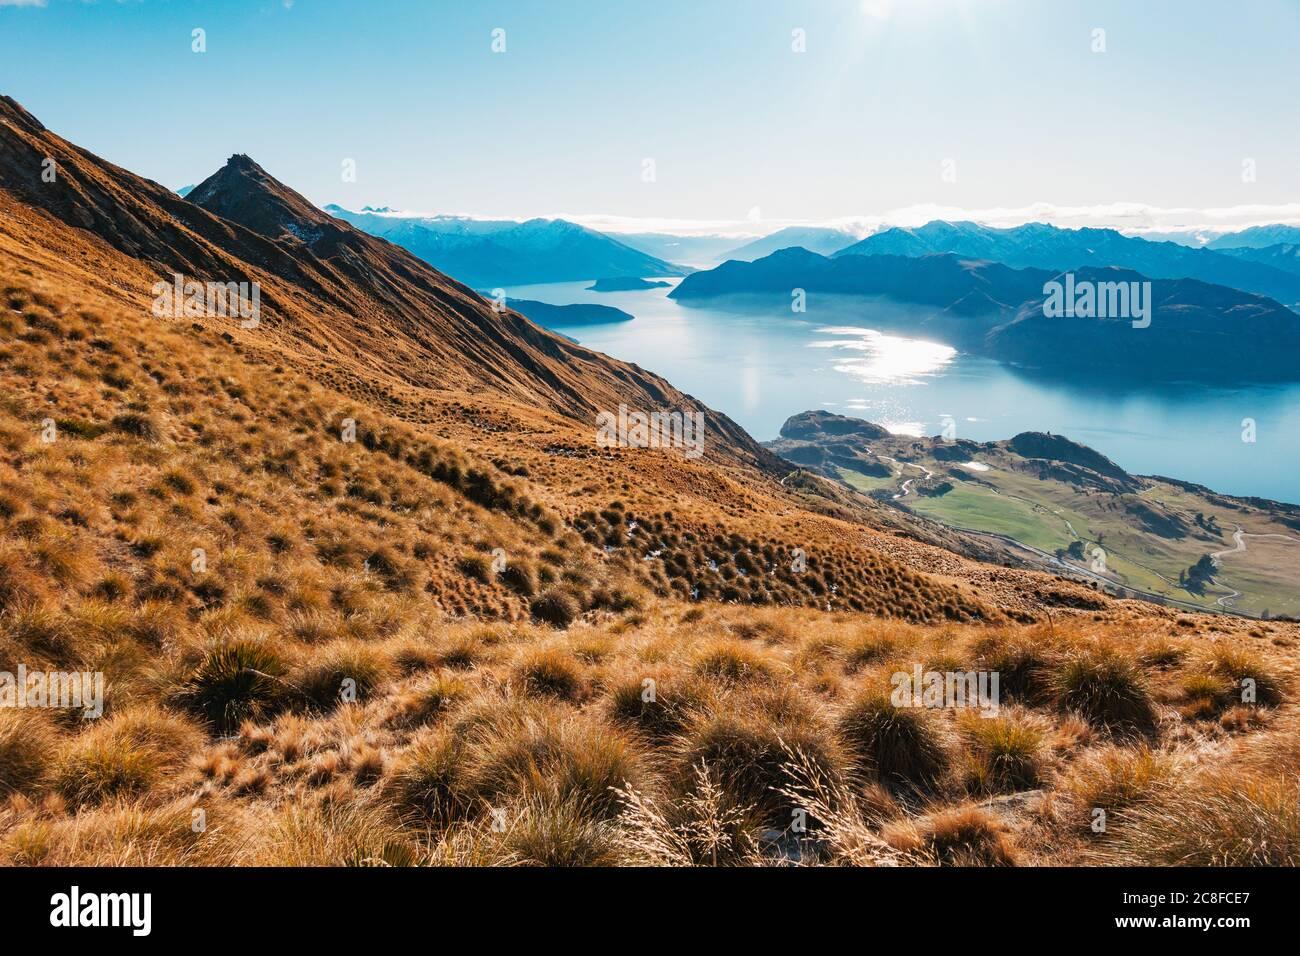 Un lago Wanaka ancora blu in una mattinata invernale nell'Isola del Sud della Nuova Zelanda Foto Stock